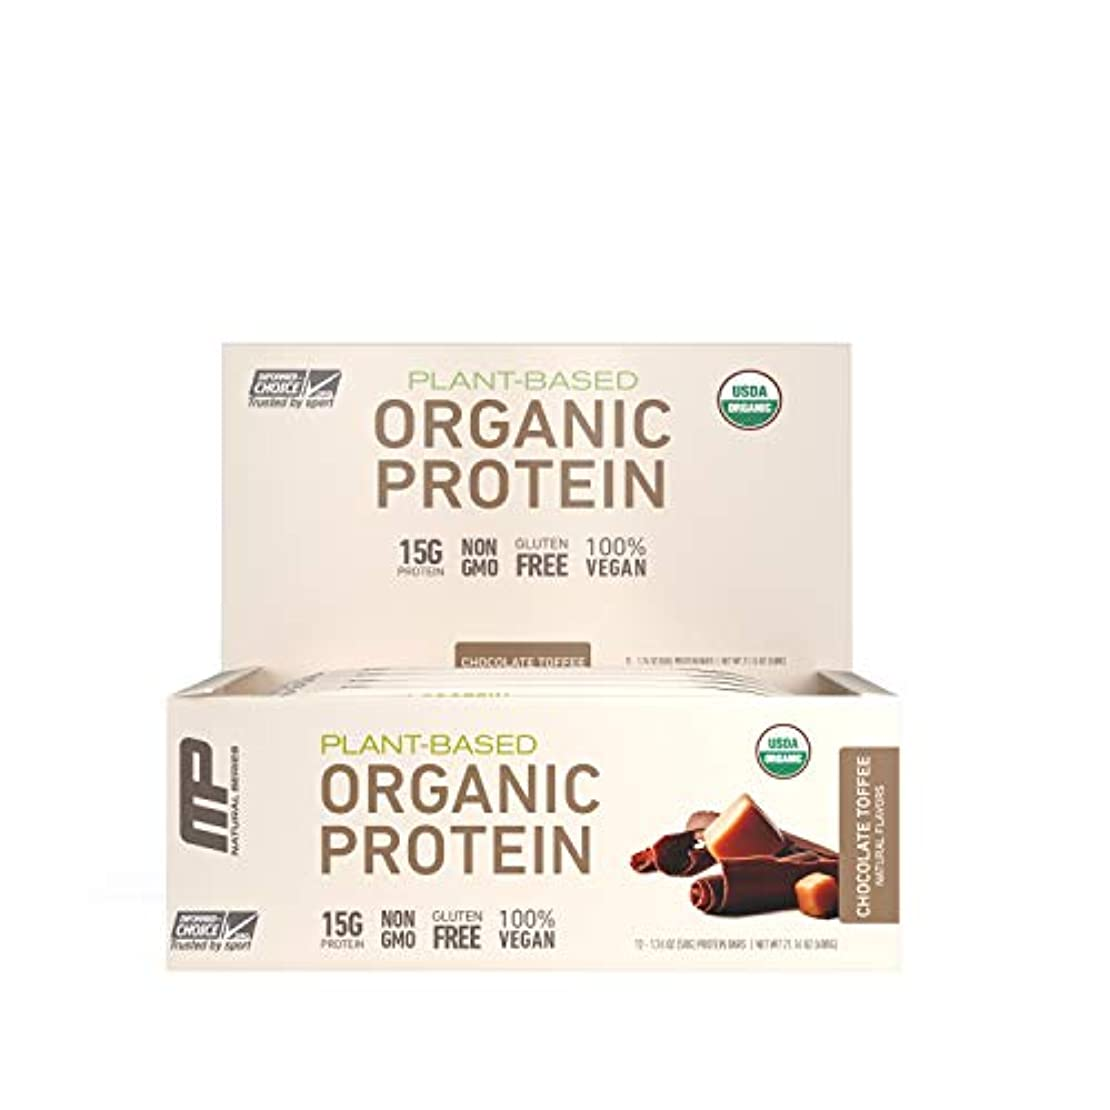 マージ谷残酷MusclePharm Natural オーガニック?プロテインバー(チョコレート?トフィー12本) (600 g) 海外直送品